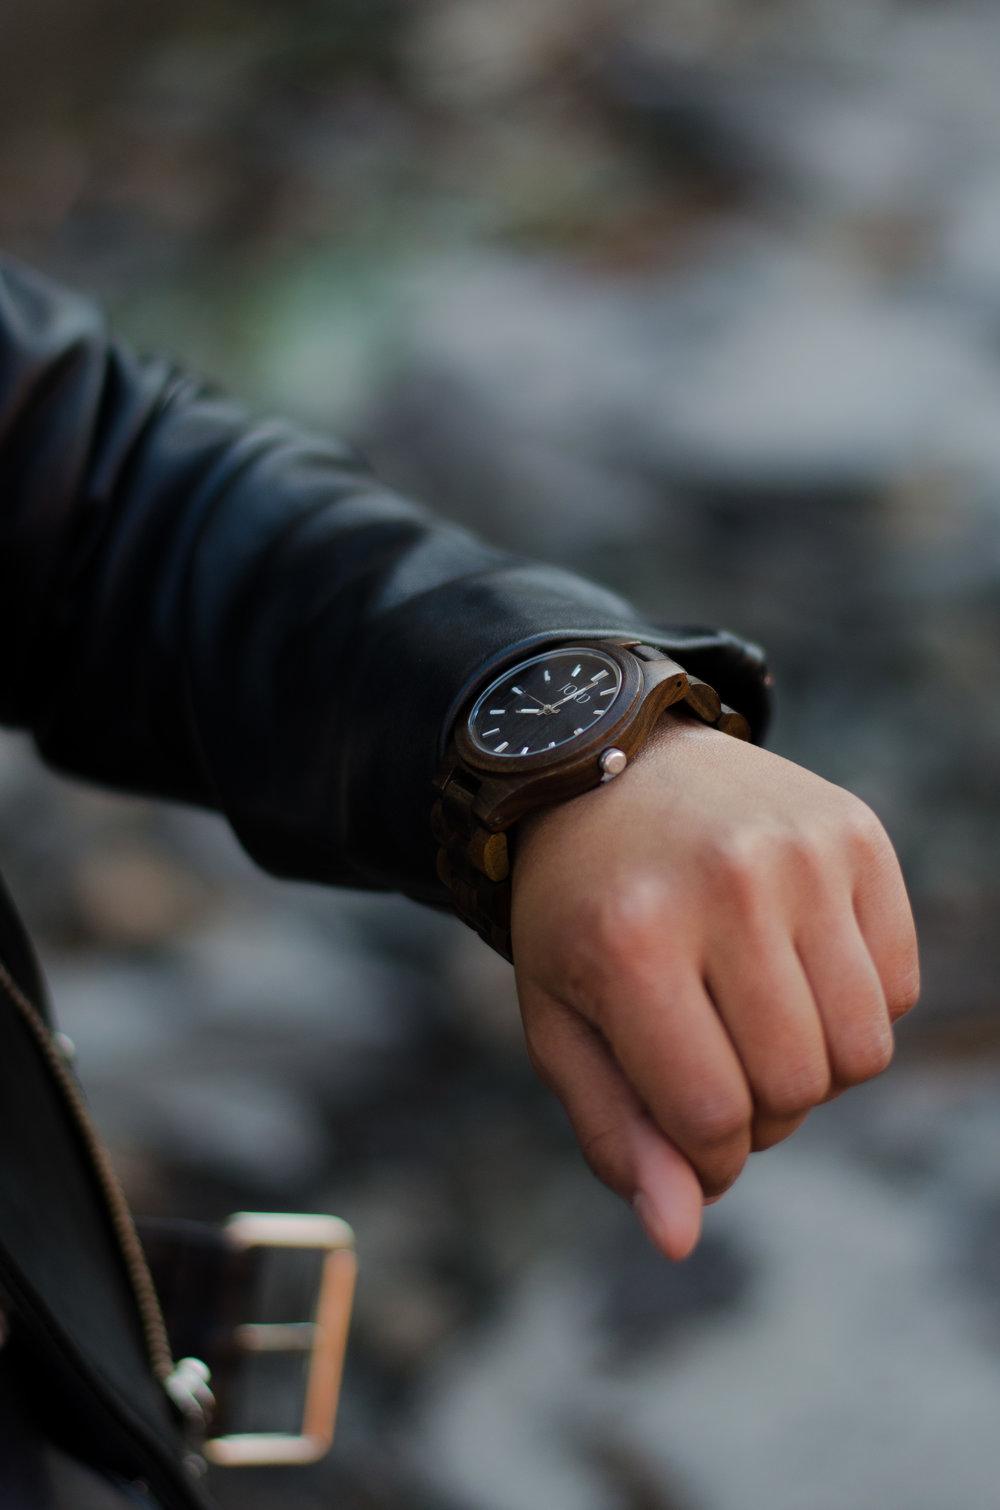 """<!-- JORD WOOD WATCHES WIDGET START -->  <a id=""""woodwatches_com_widget"""" ishidden=""""1"""" title=""""Wooden Wristwatch"""">Wooden Wristwatch</a>  <script src=""""// www.woodwatches.com/widget-article/tooshortforhighfashion """" type=""""text/javascript""""></script>  <!-- JORD WOOD WATCHES WIDGET END -->"""